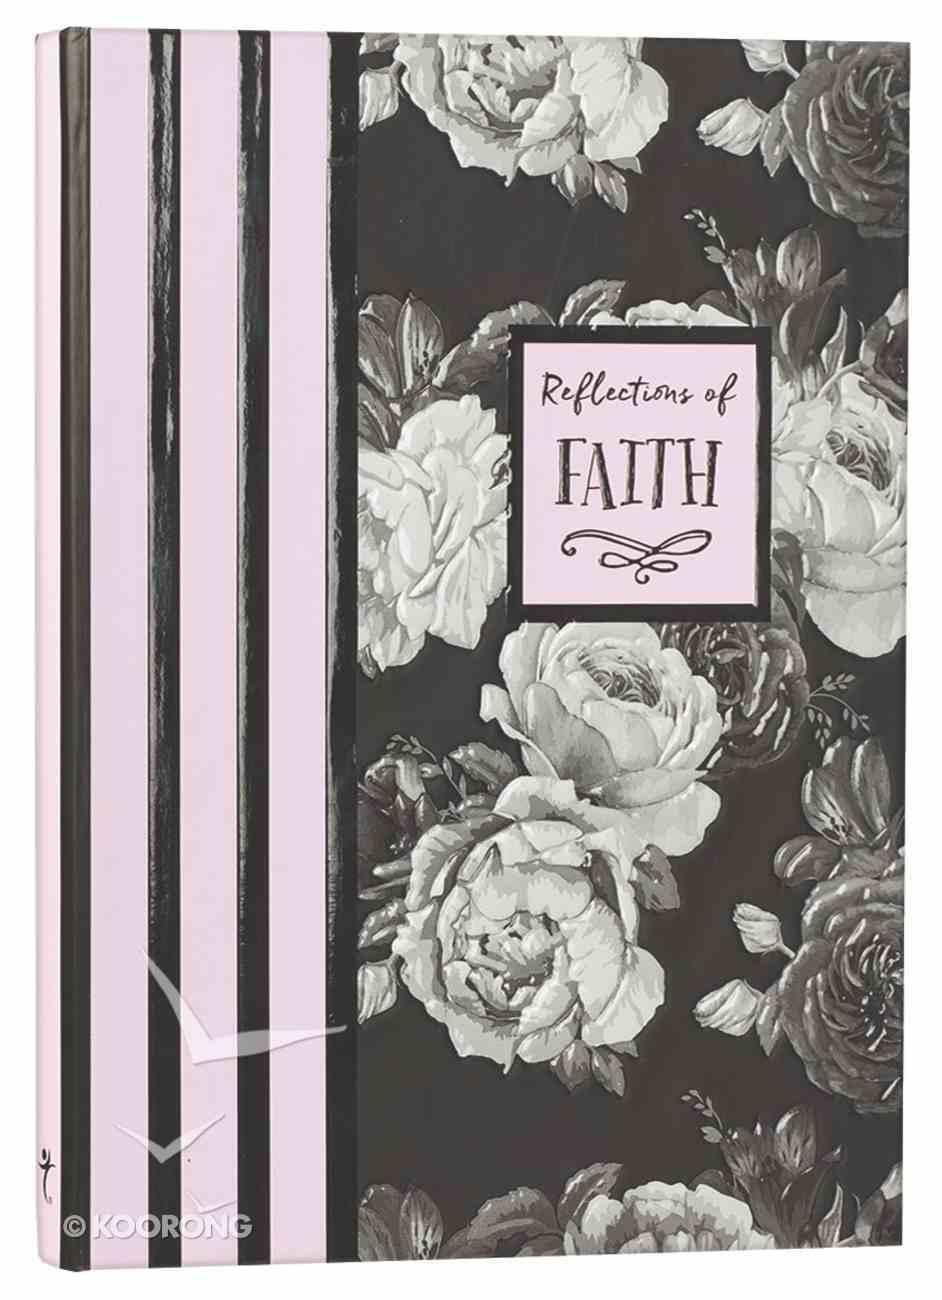 Botanical Journal: Reflections of Faith, Pink/Black/White/Roses Hardback